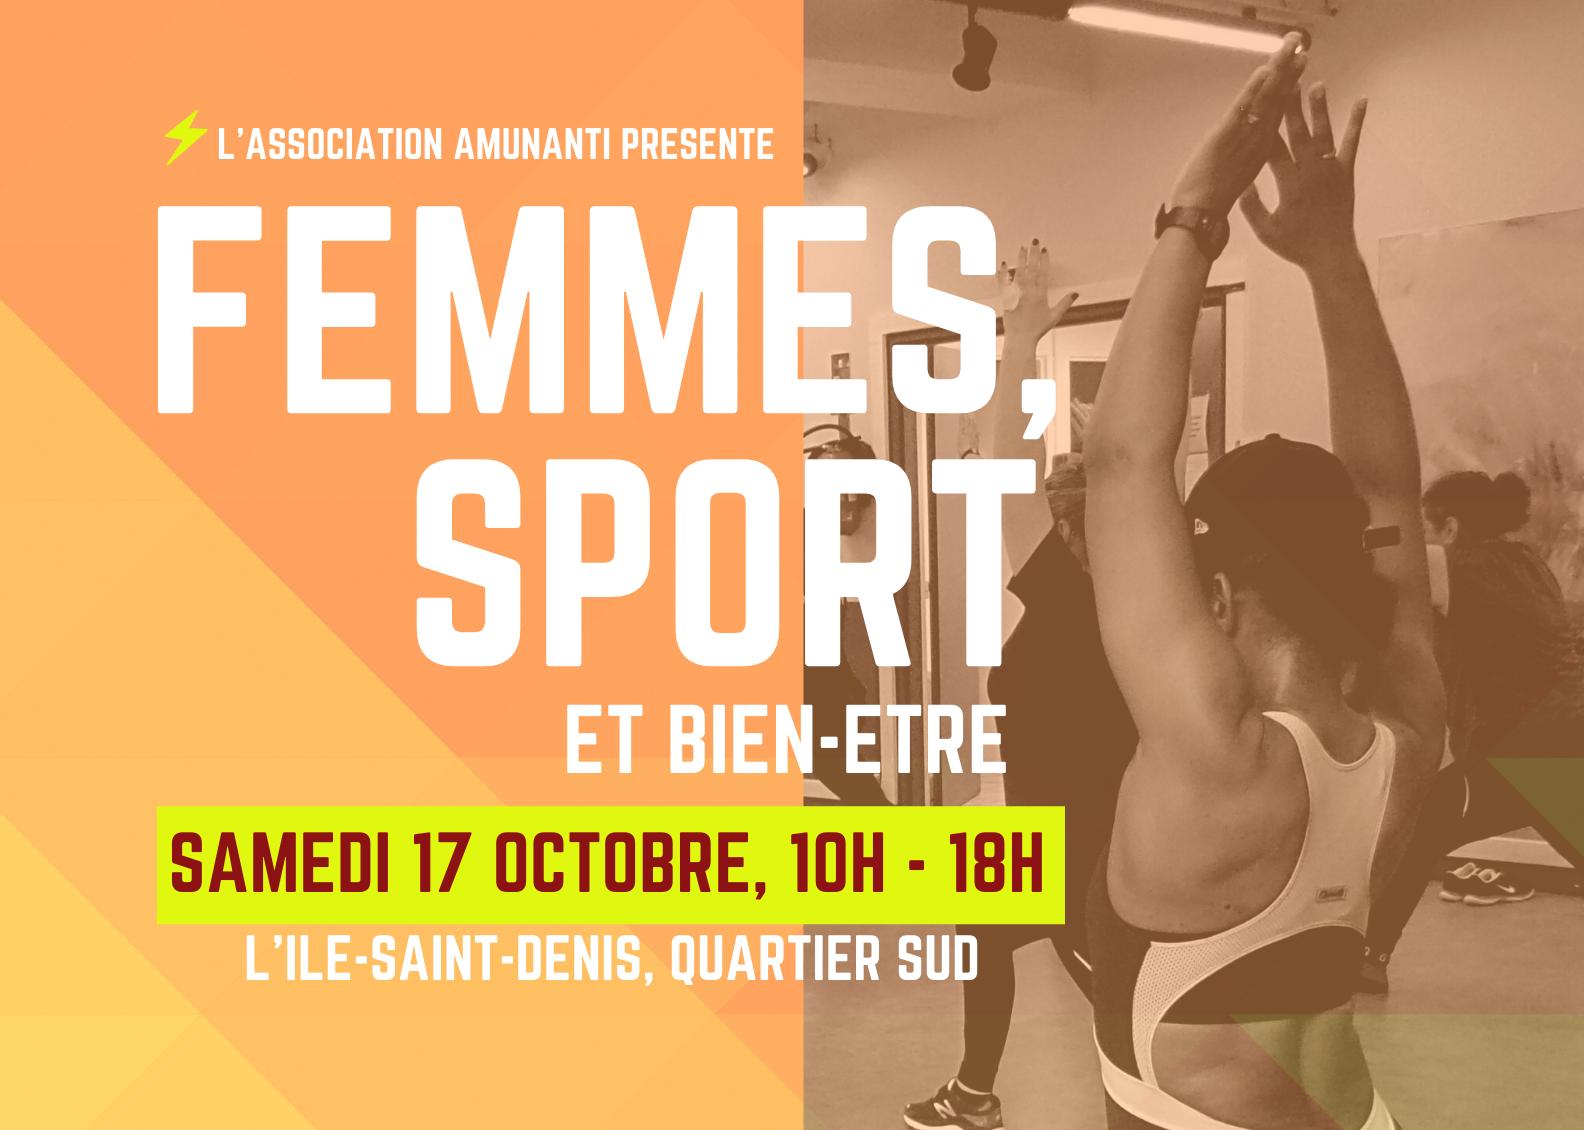 FEMMES ET SPORT 2019(1)